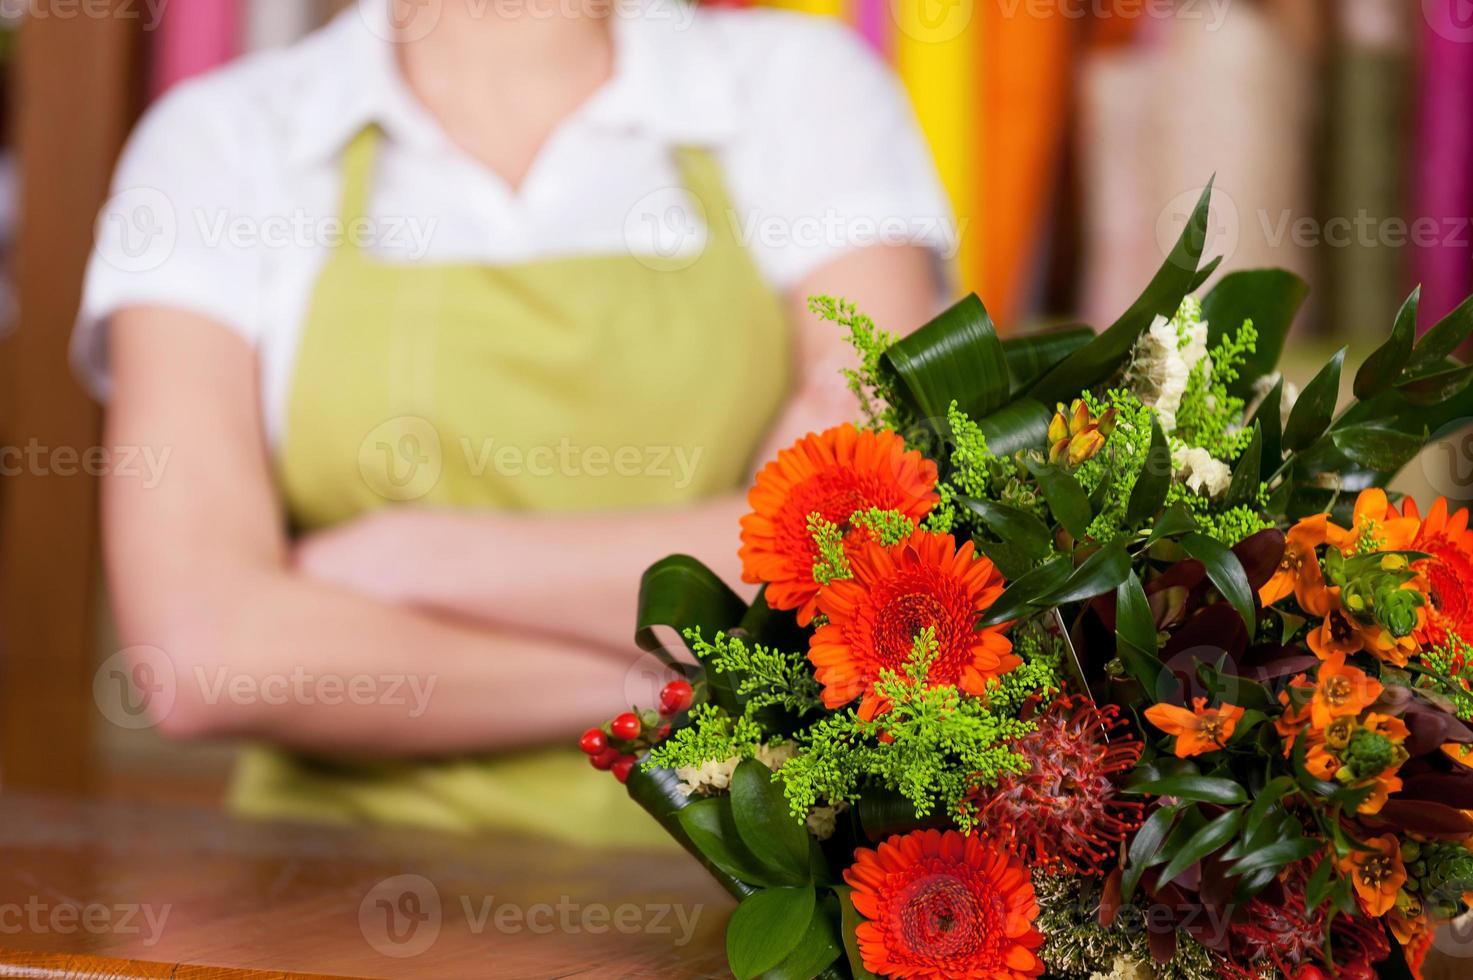 al negozio di fiori. foto